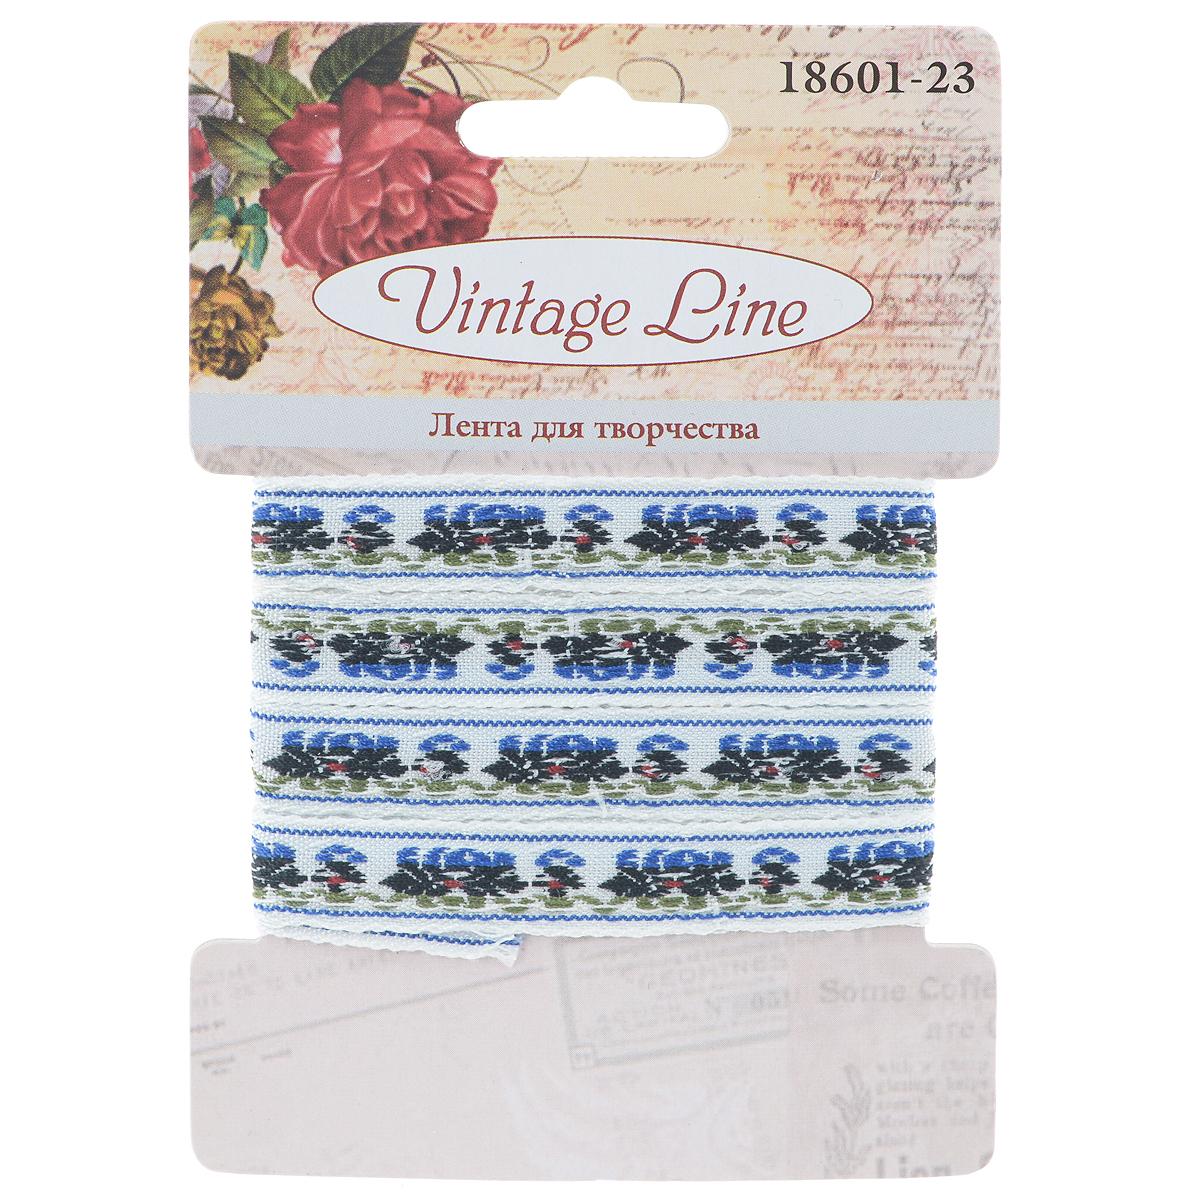 Лента декоративная Vintage Line, 1 х 100 см 77096717709671Декоративная лента Vintage Line выполнена из текстиля и оформлена оригинальным узором. Такая лента идеально подойдет для оформления различных творческих работ таких, как скрапбукинг, аппликация, декор коробок и открыток и многое другое.Лента наивысшего качества практична в использовании. Она станет незаменимым элементом в создании рукотворного шедевра. Ширина: 1 см.Длина: 1 м.